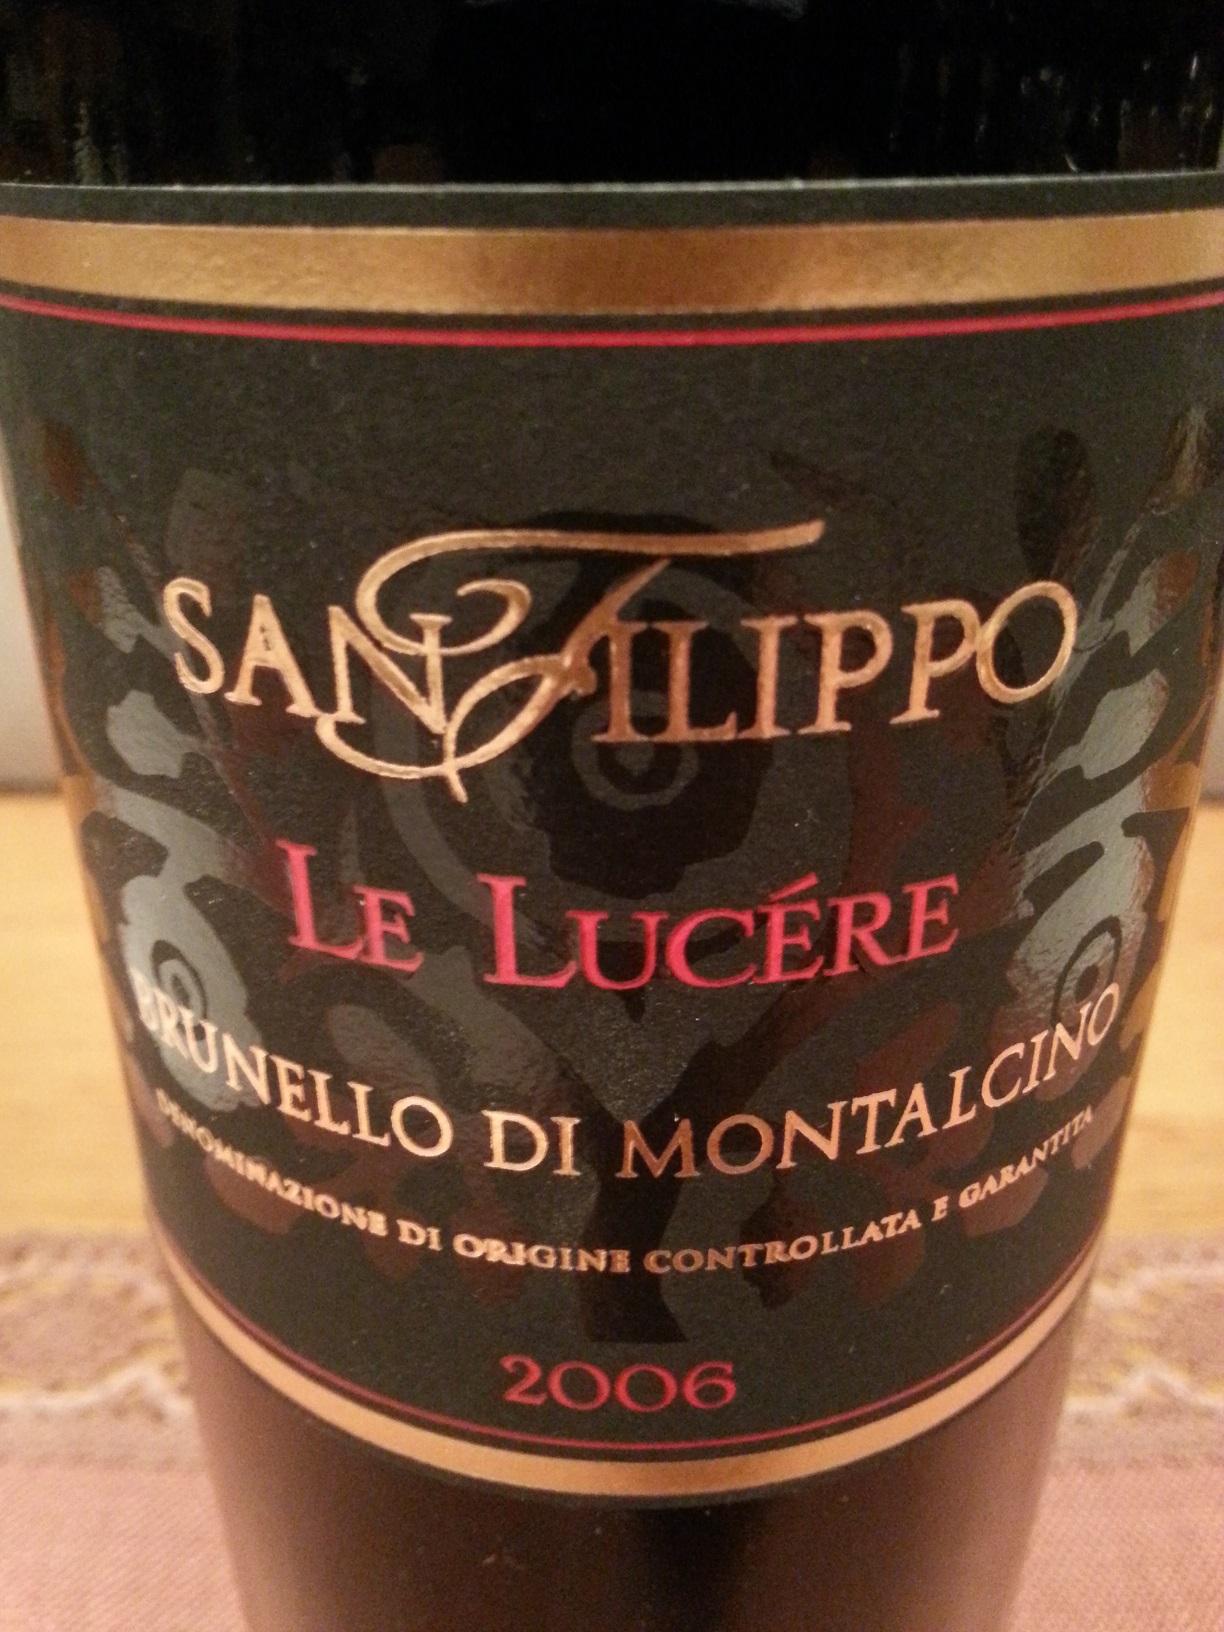 2006 Brunnelo di Montalcino Le Lucére | San Filippo